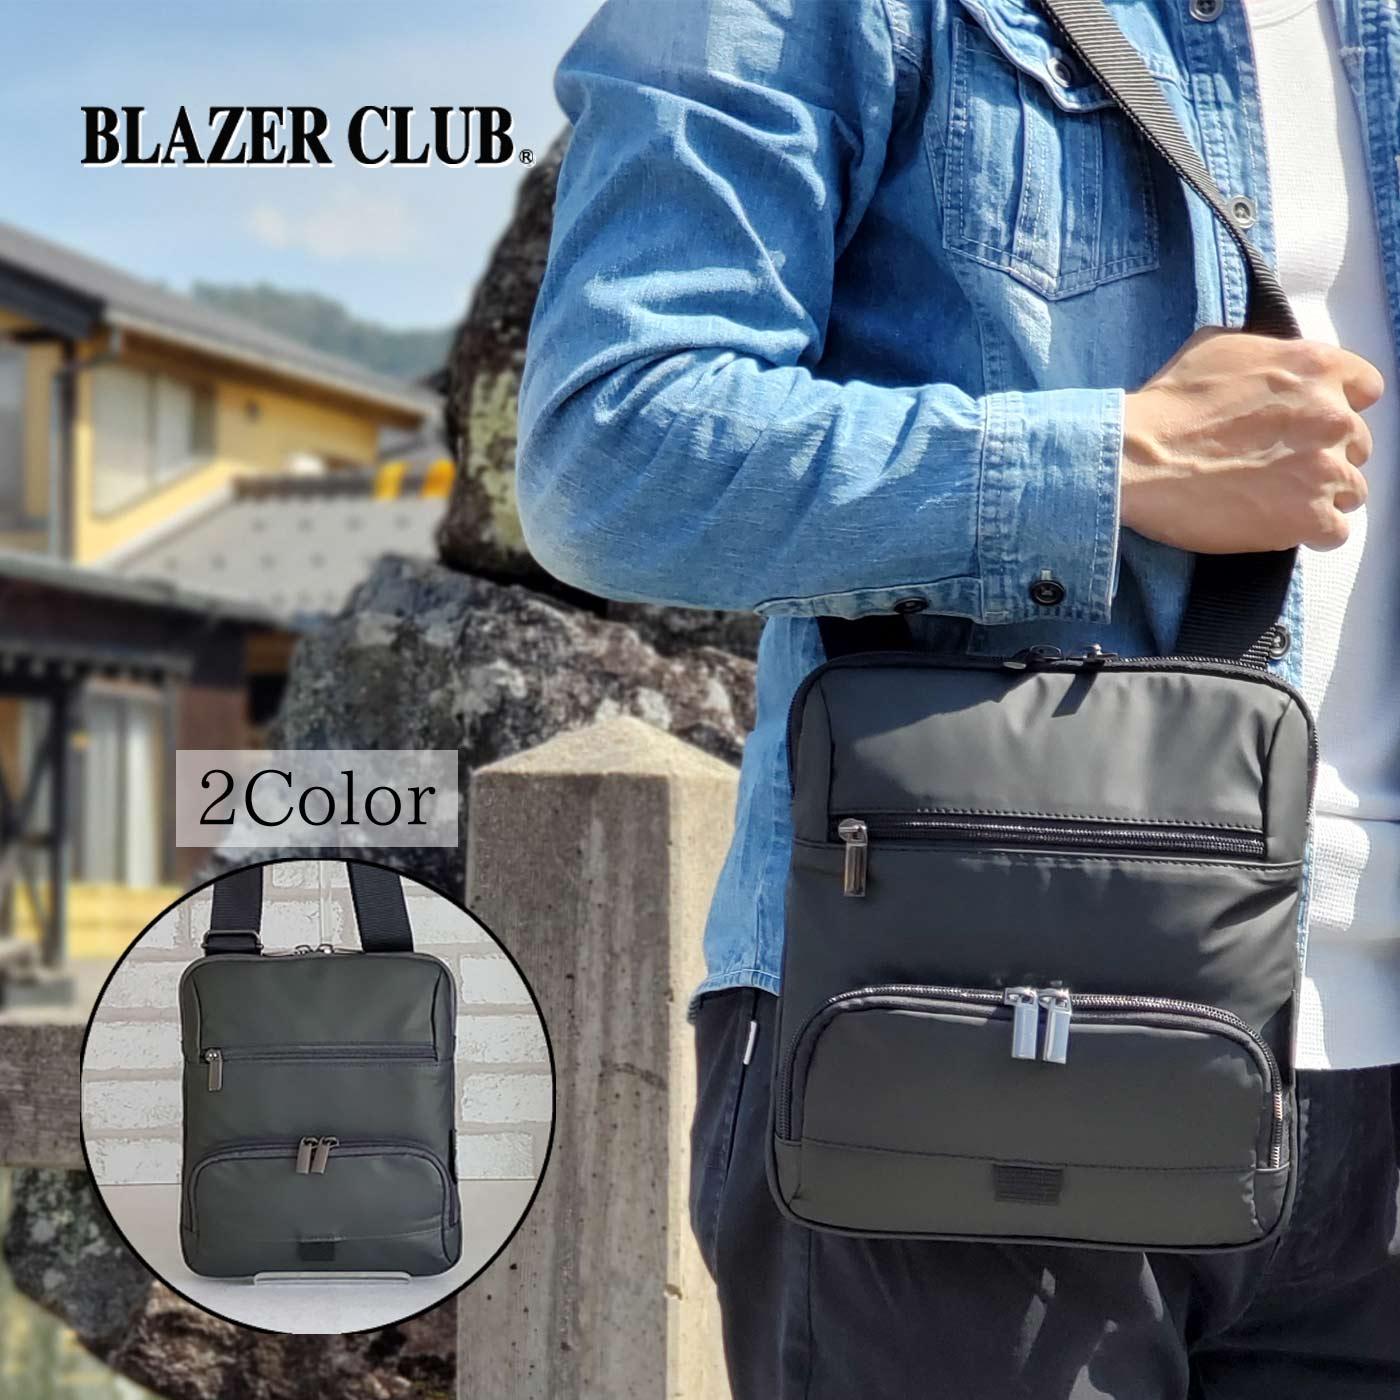 縦型ショルダーバッグ カジュアルバッグ メンズ A5 軽い 斜めがけ ナイロン 街持ち 普段使い 旅行 レジャー 黒 カーキ KBN33756 ブレザークラブ BLAZER CLUB